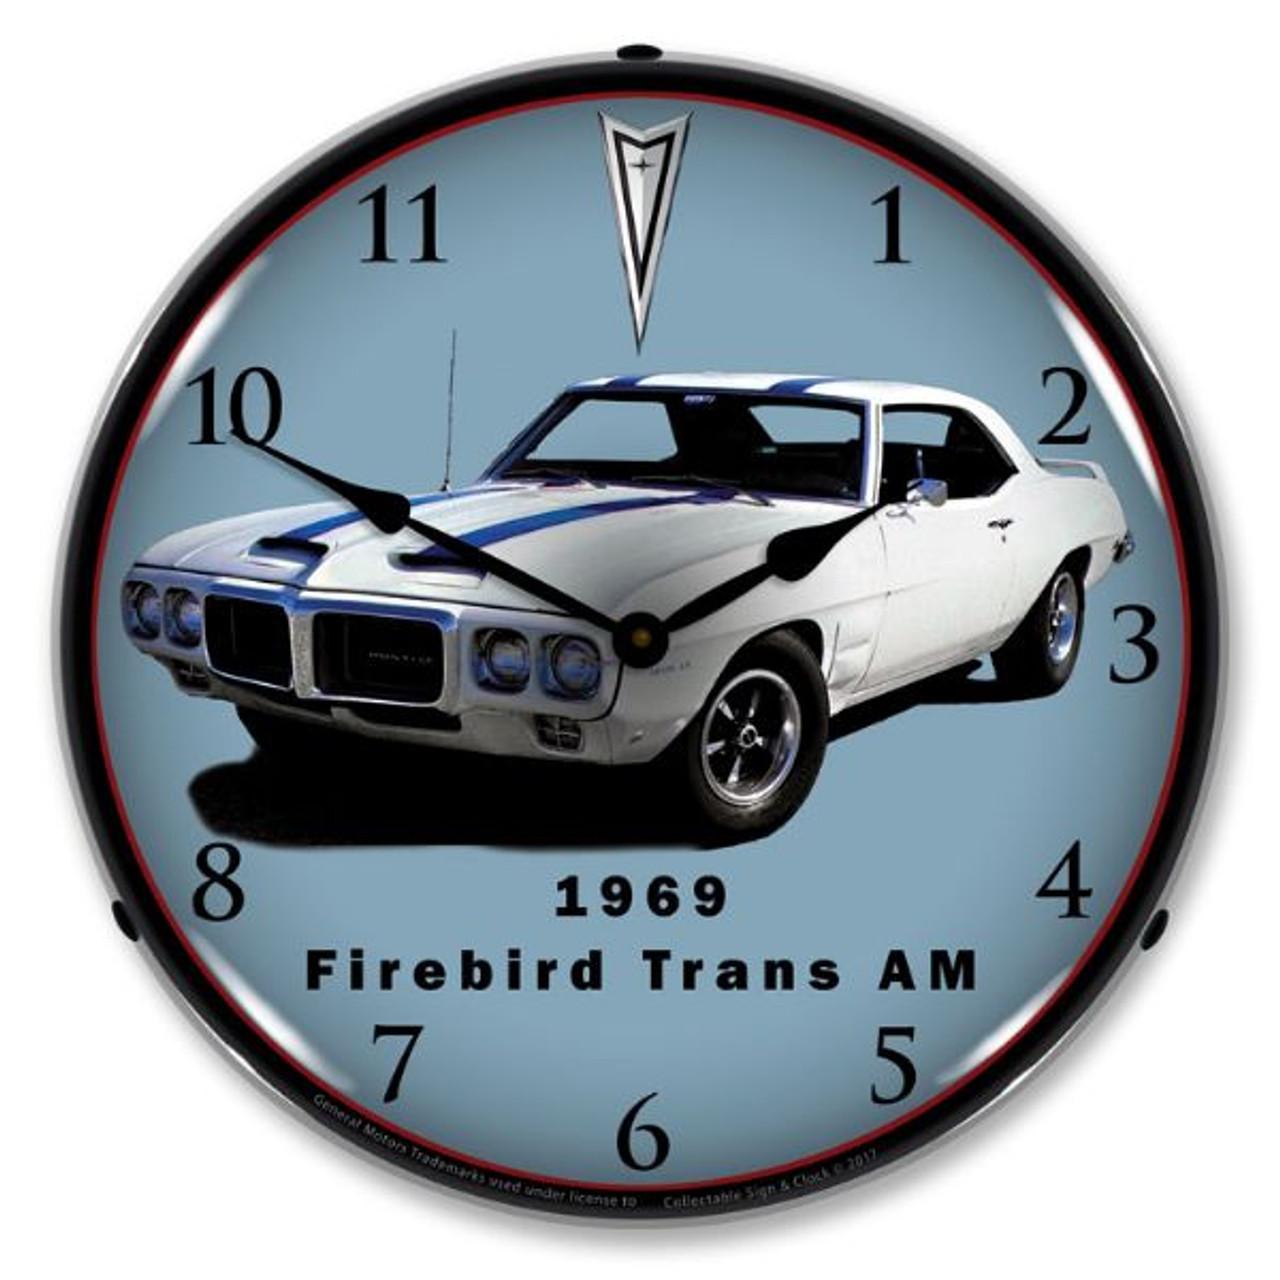 1969 Firebird Trans Am Lighted Wall Clock 14 x 14 Inches